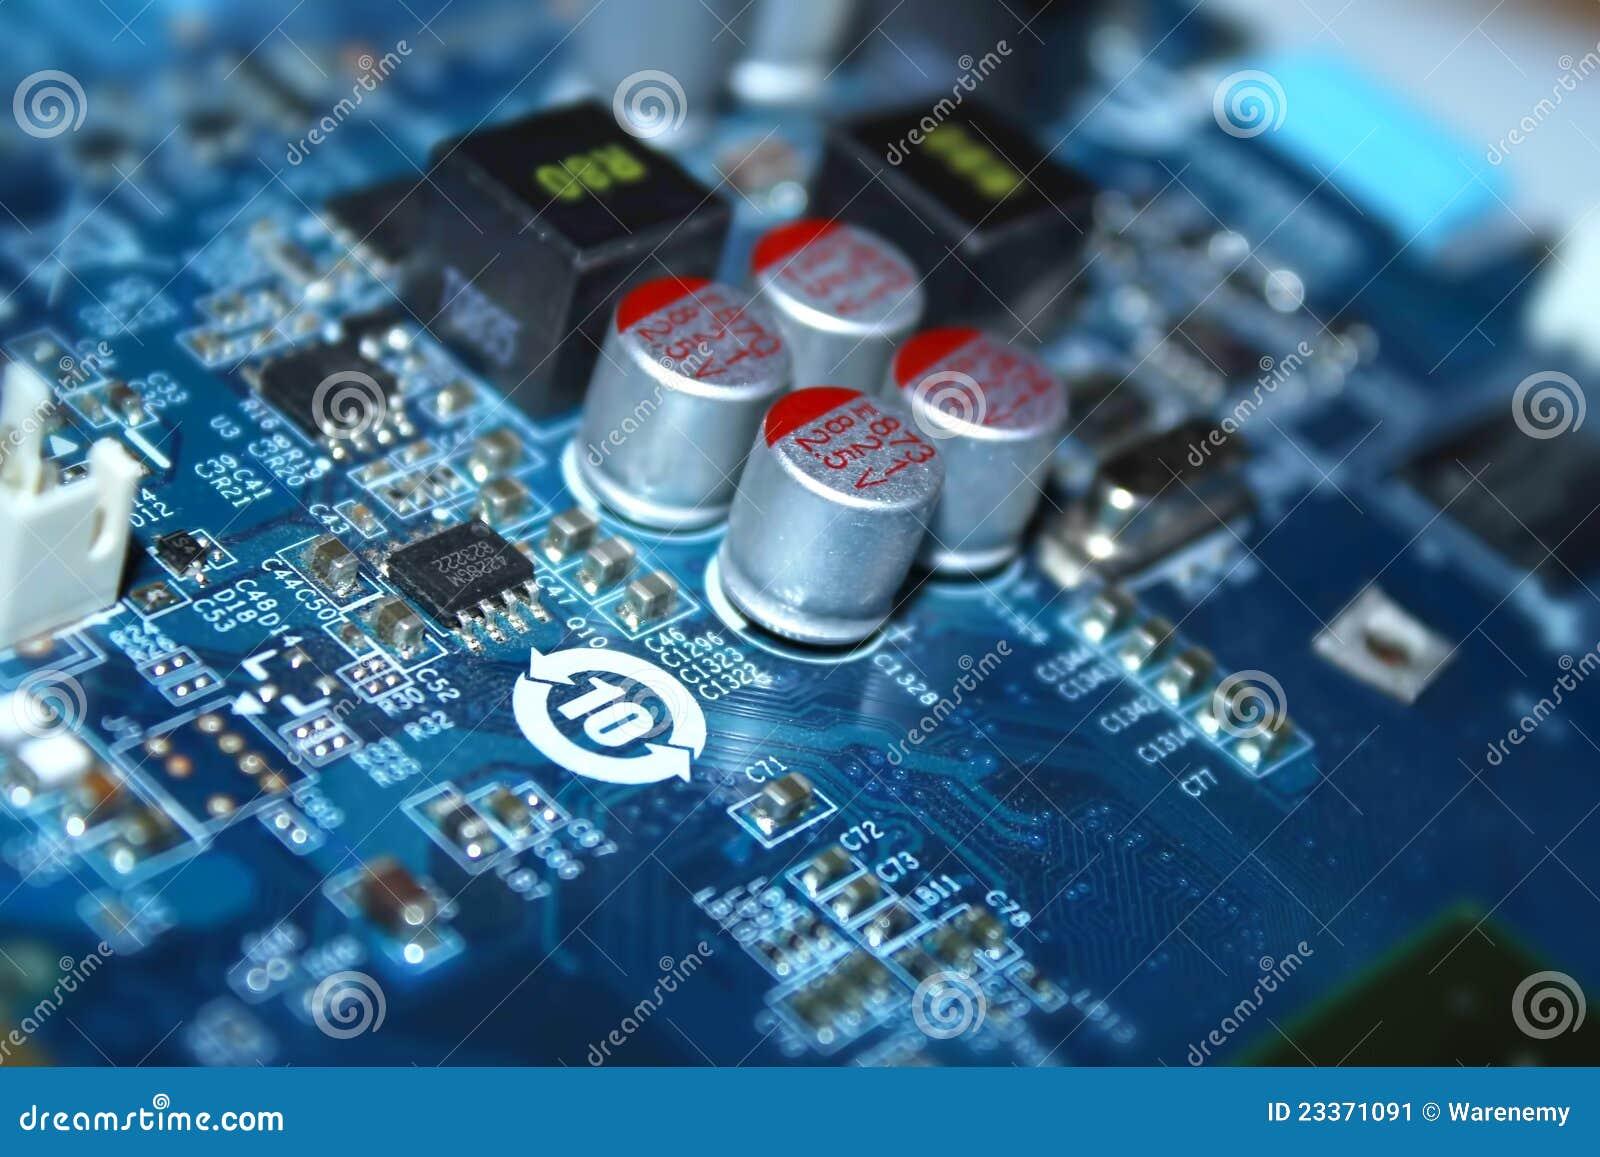 Circuito Z : Circuito eléctrico imagen de archivo